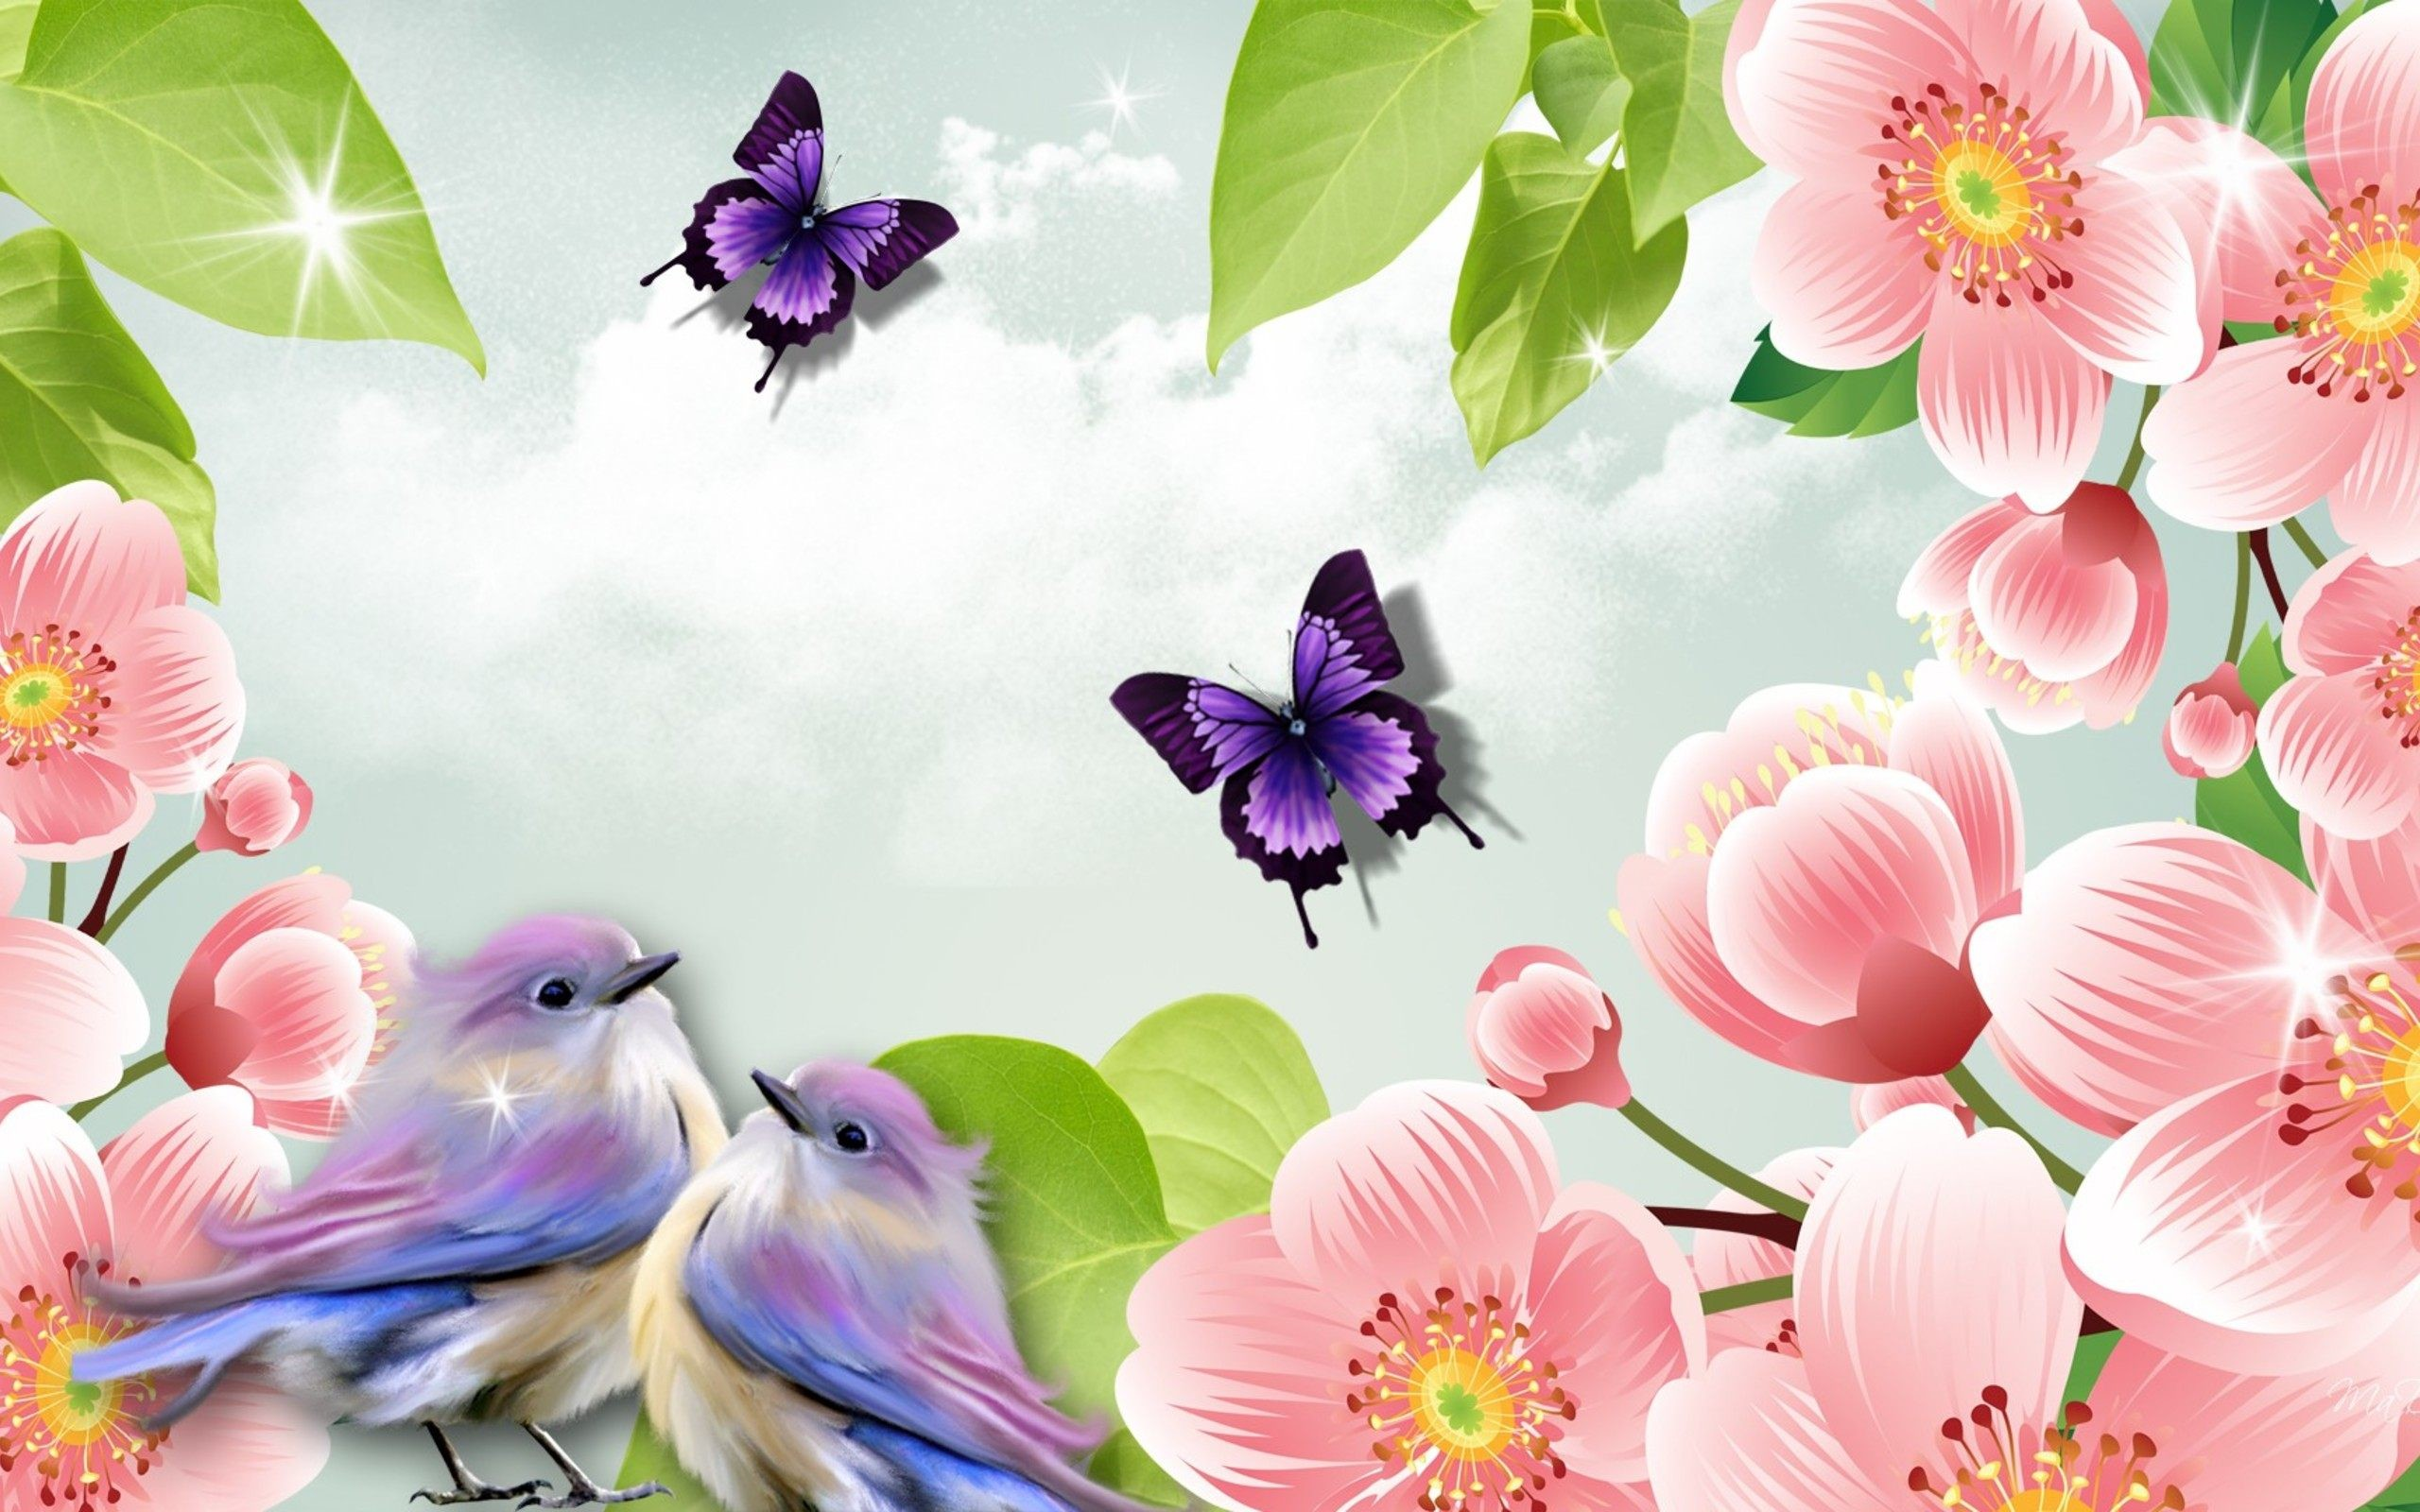 Beautiful Butterflies Nature Wallpaper | HD Animals and Birds .